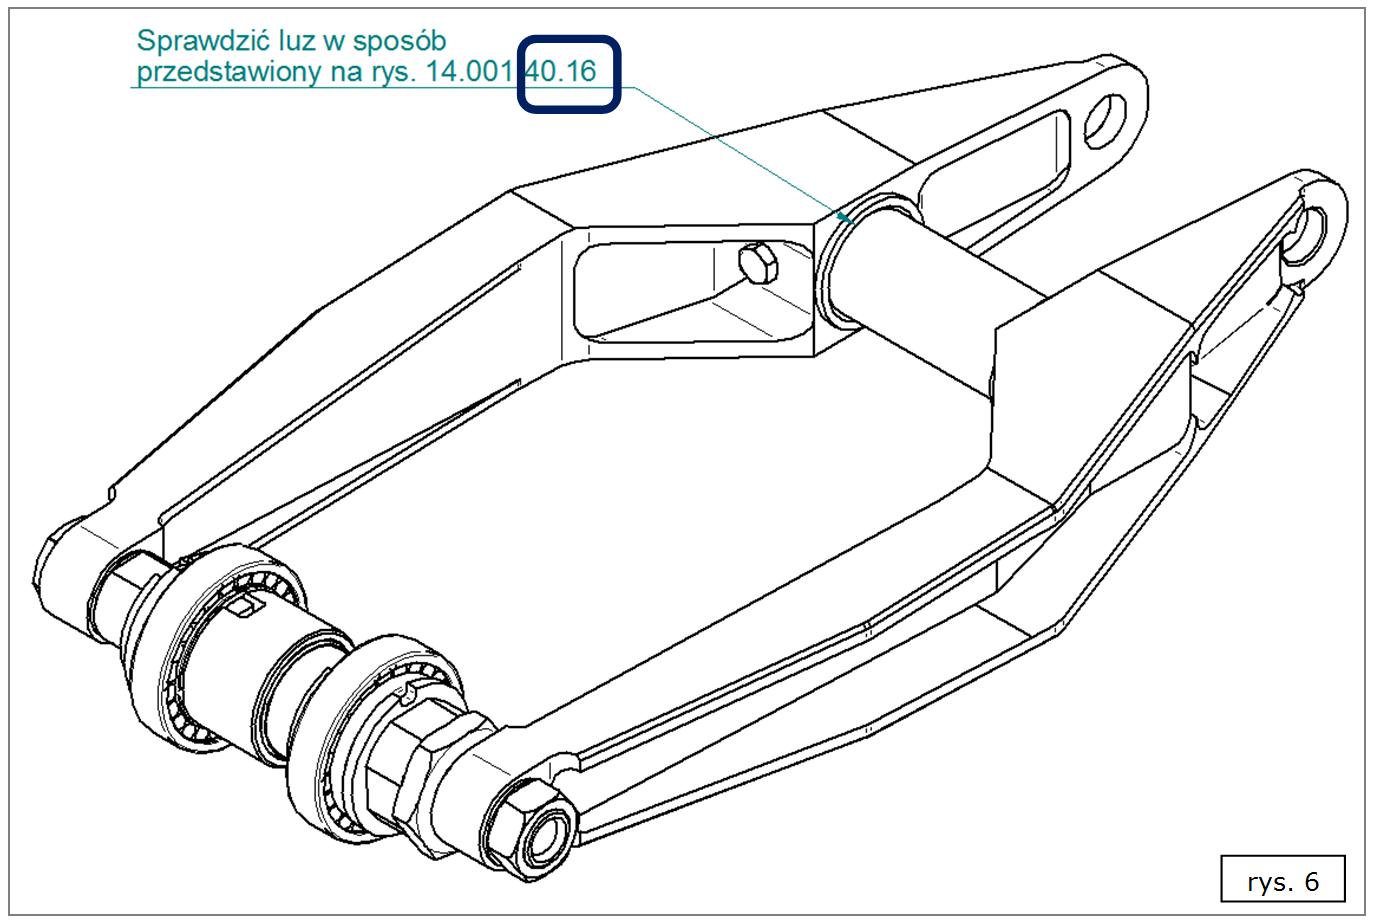 Widok 2D złożenia 3D z przykładową uwagą montażową SOLID EDGE ST7